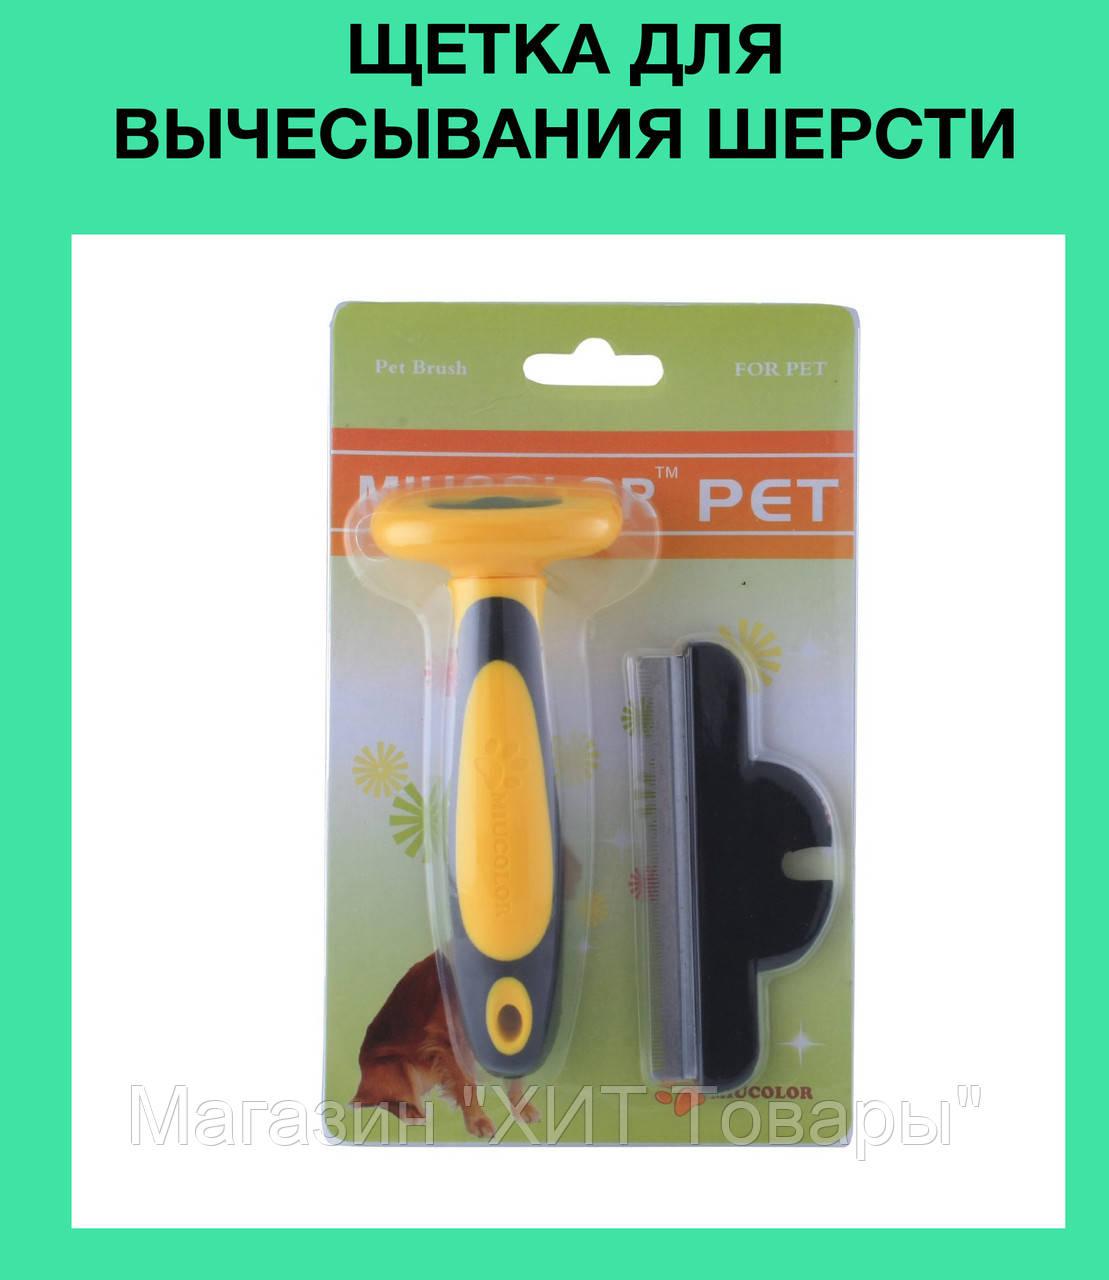 """Pet Care 4inch щетка для вычесывания шерсти у животных!Опт - Магазин """"ХИТ Товары"""" в Одессе"""